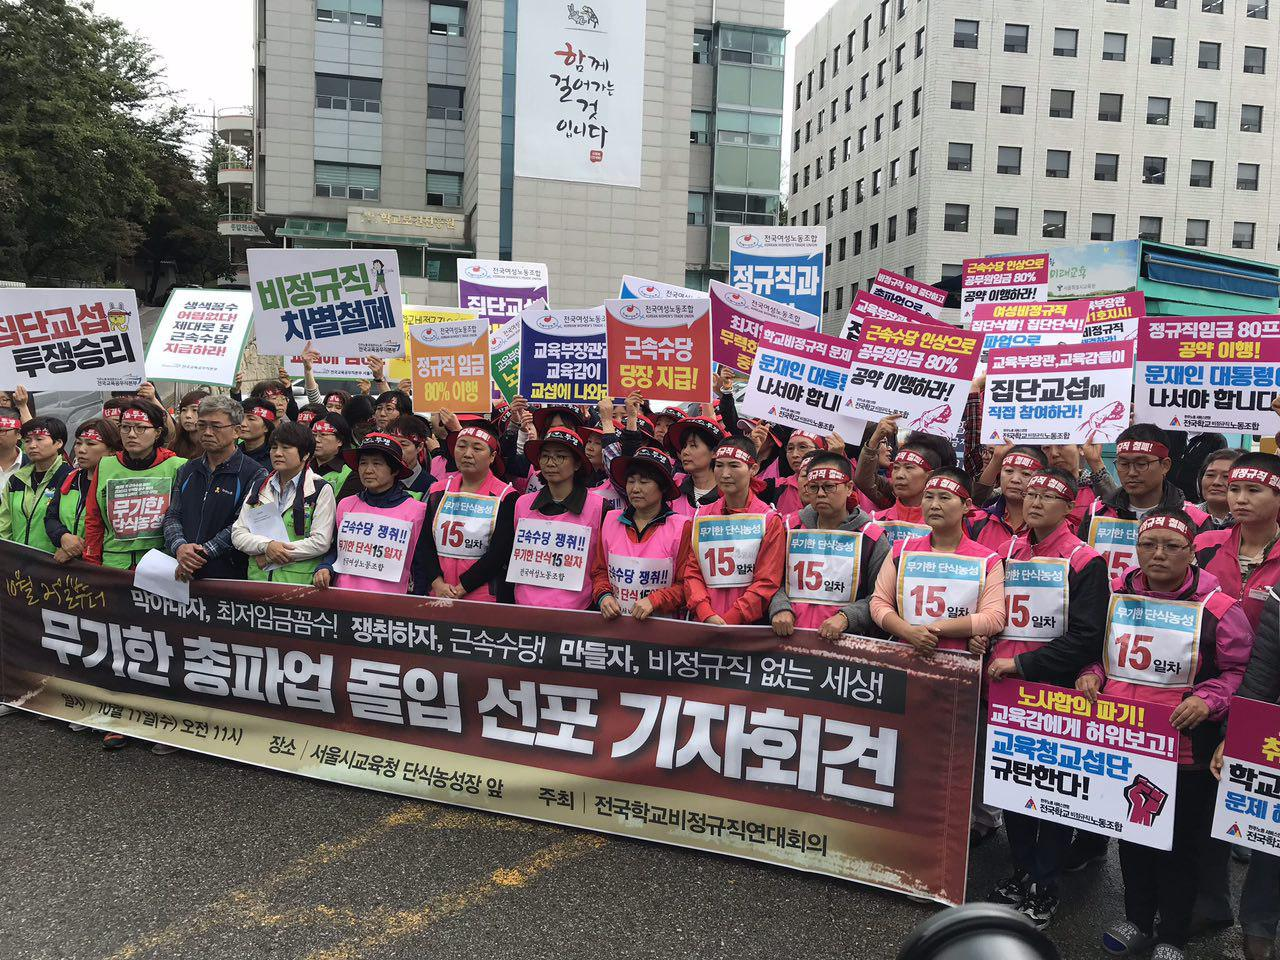 연대회의 총파업 돌입 선포 기자회견 10월 25일, 26일 전국 총파업에 돌입할 것을 선포했다.